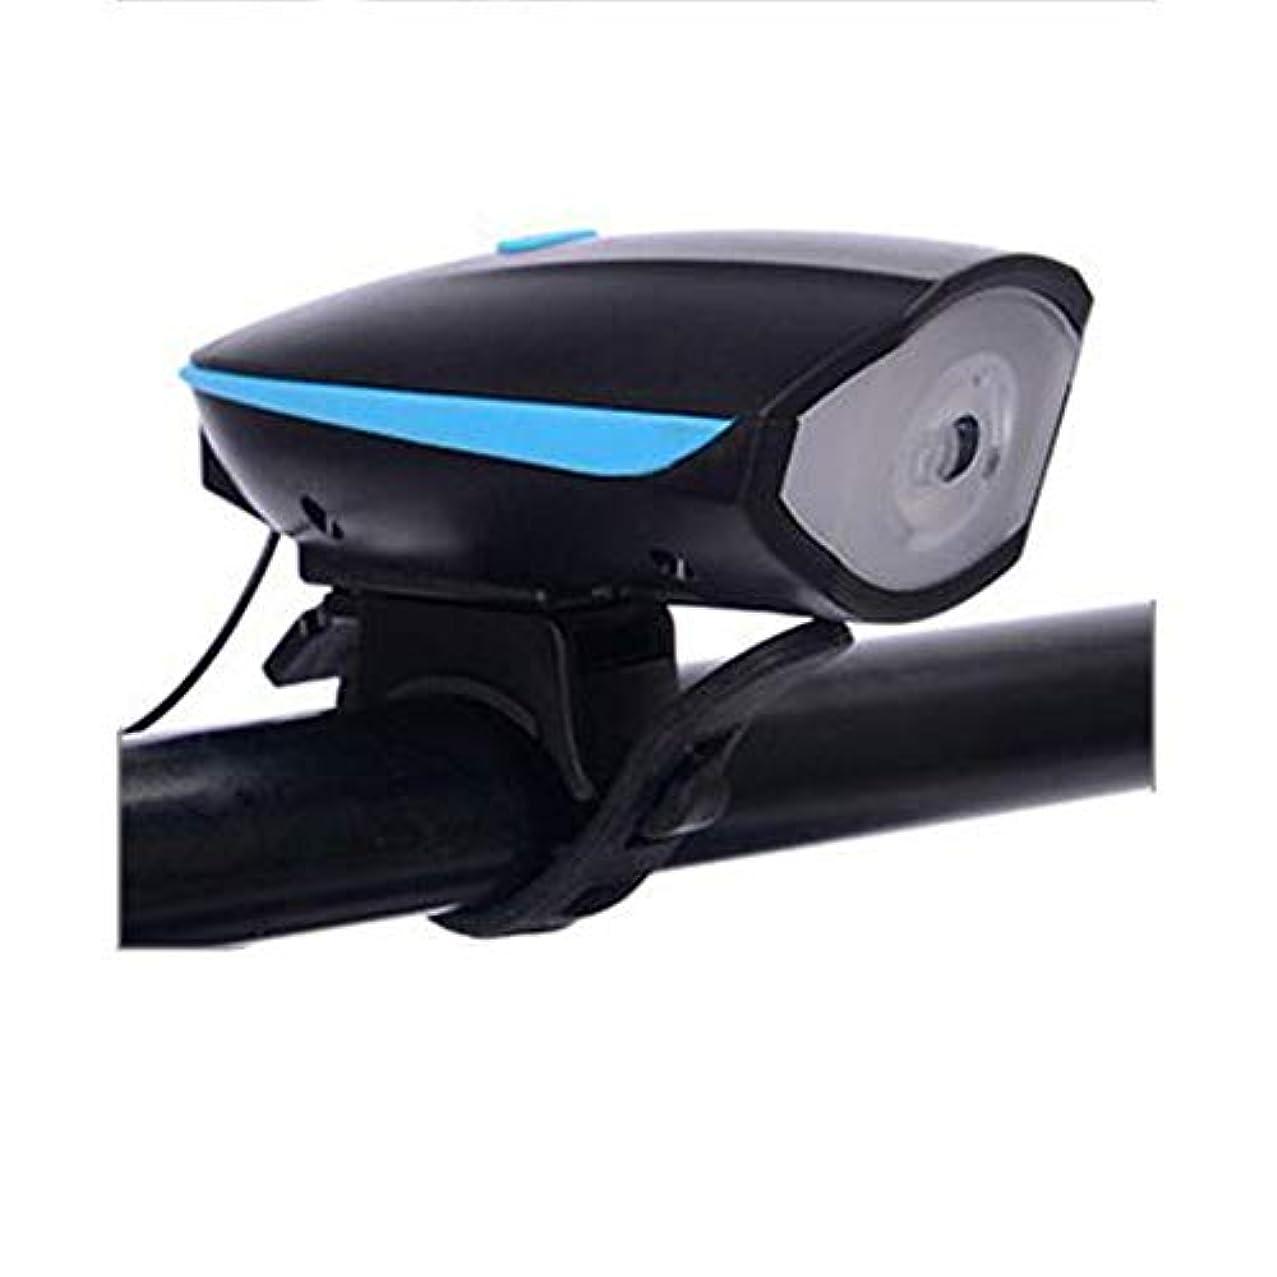 確立します滴下ポンドCalloy 自転車ライト ヘッドライト タッチスイッチ版 USB充電 防水 (内に含まれるクラクション、USB充電ライン)